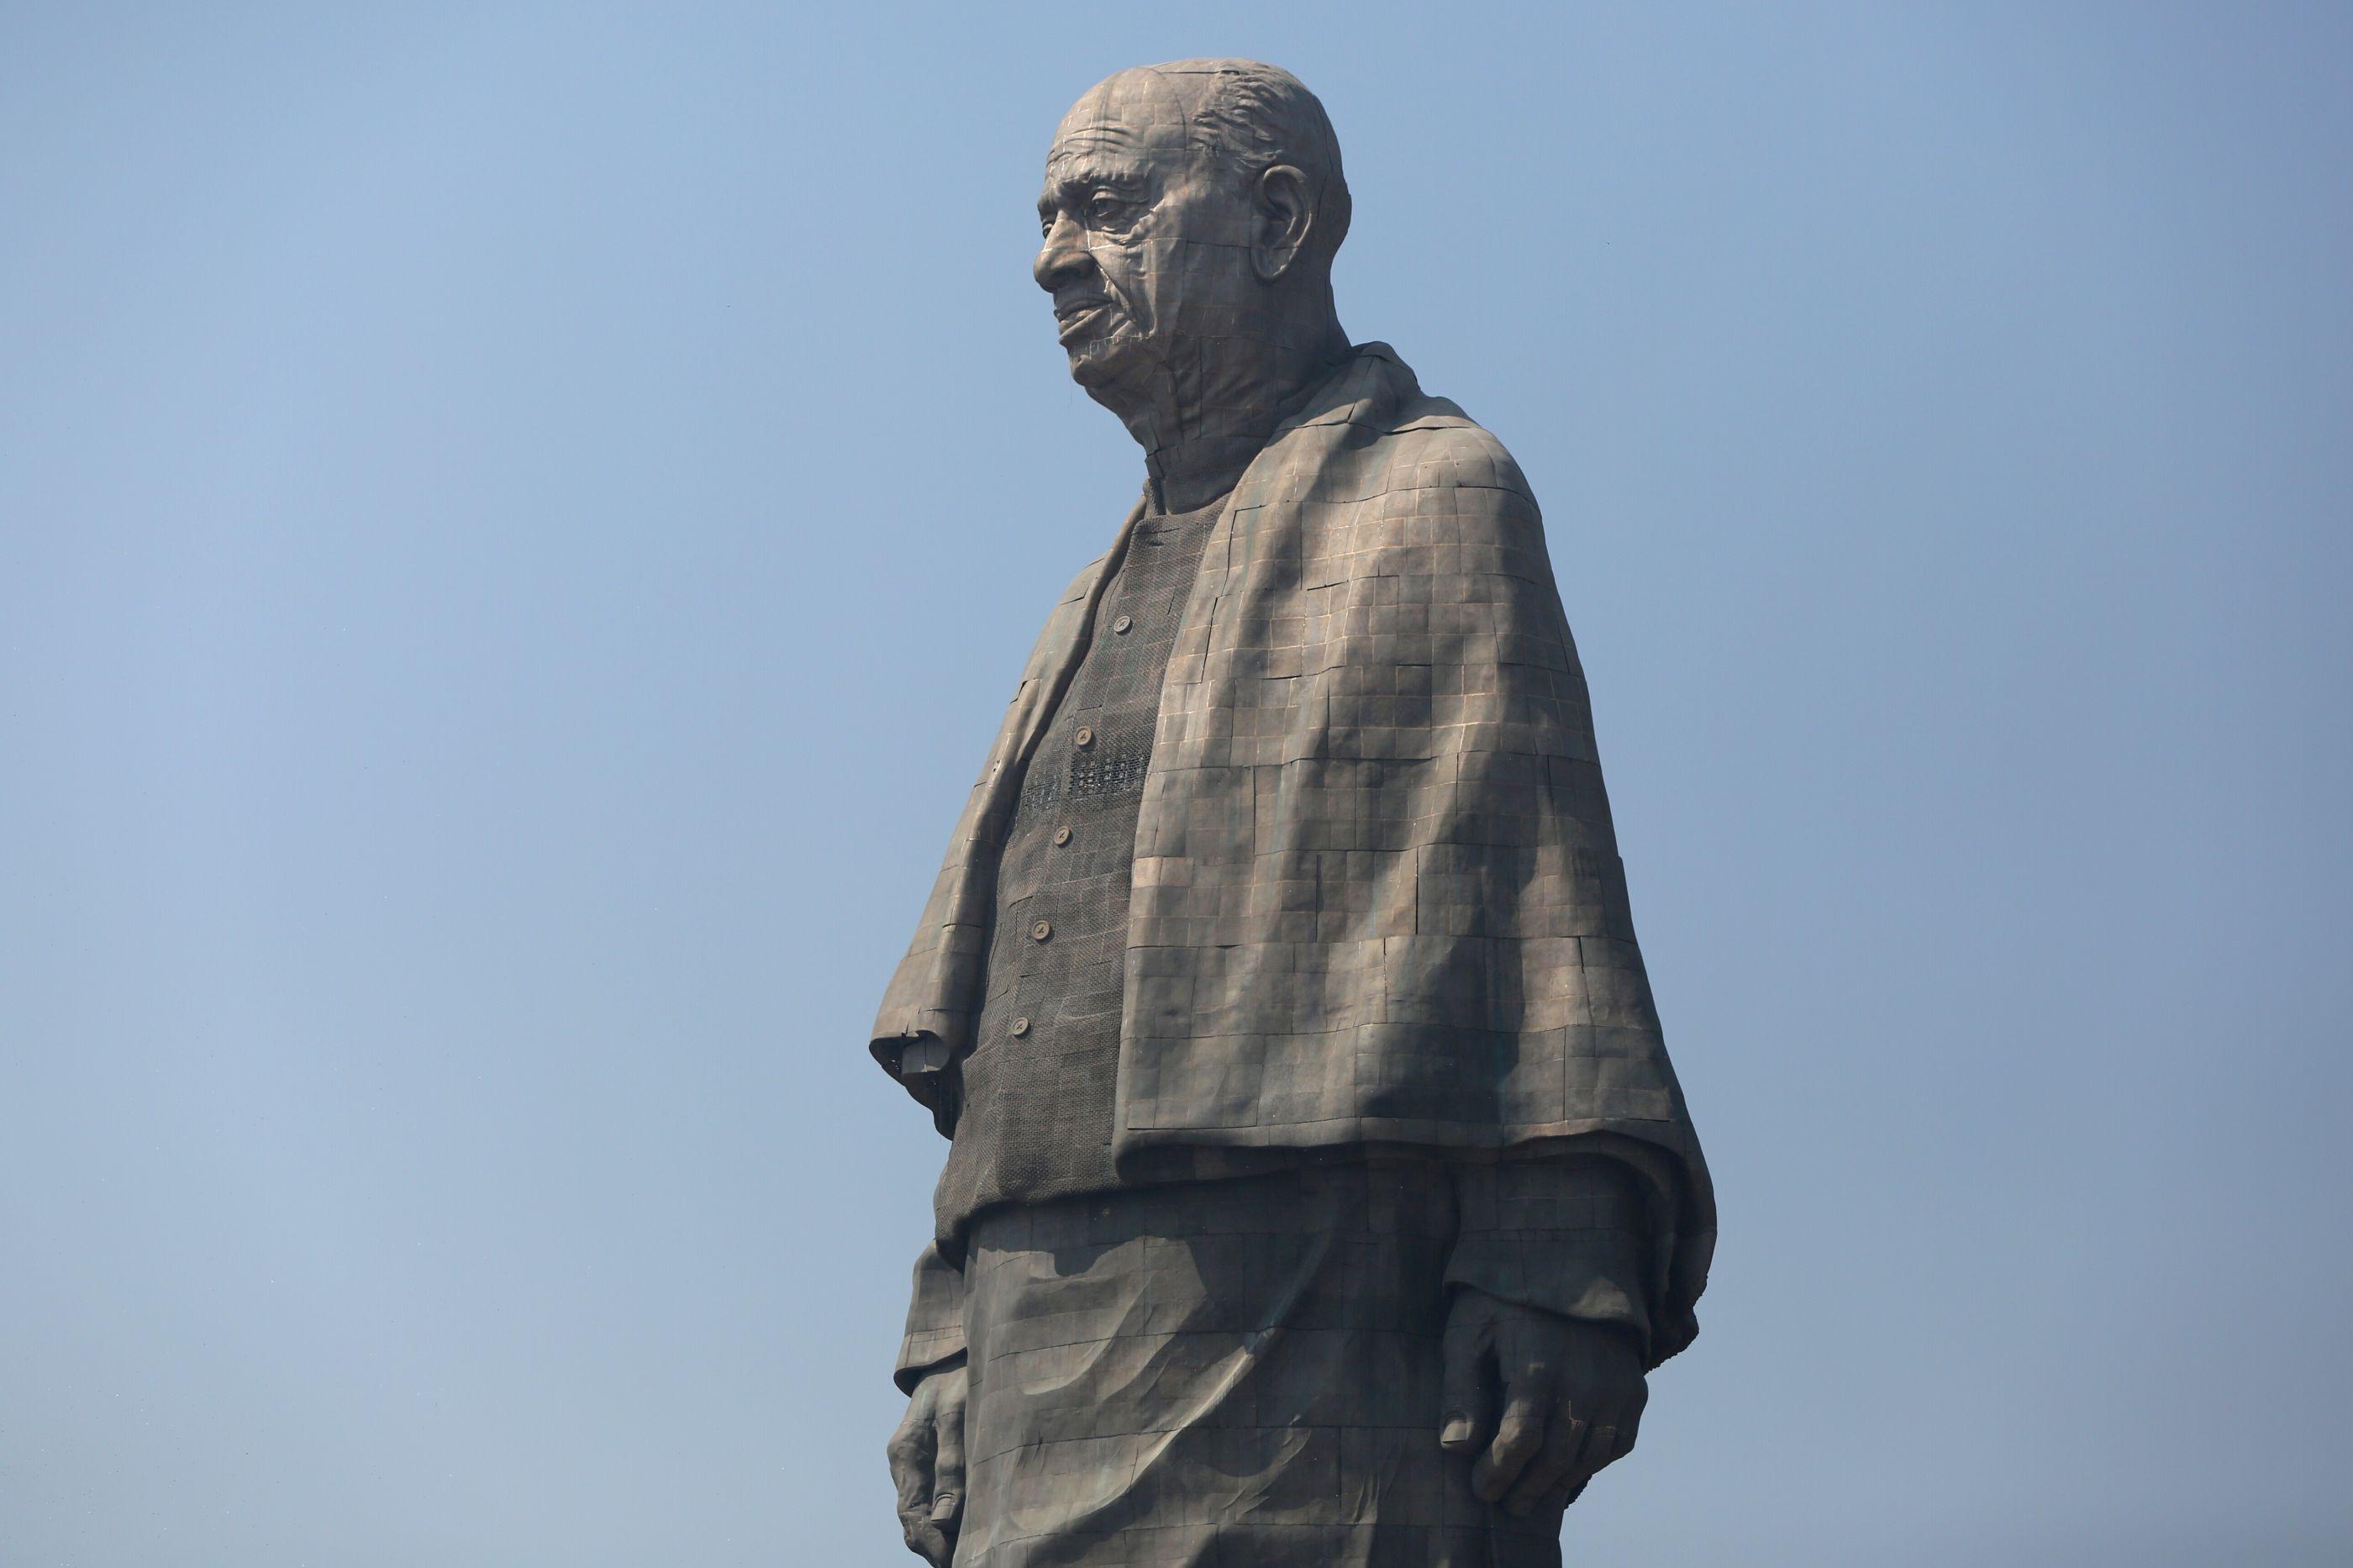 Índia inaugura maior estátua do mundo sob protestos e forte segurança